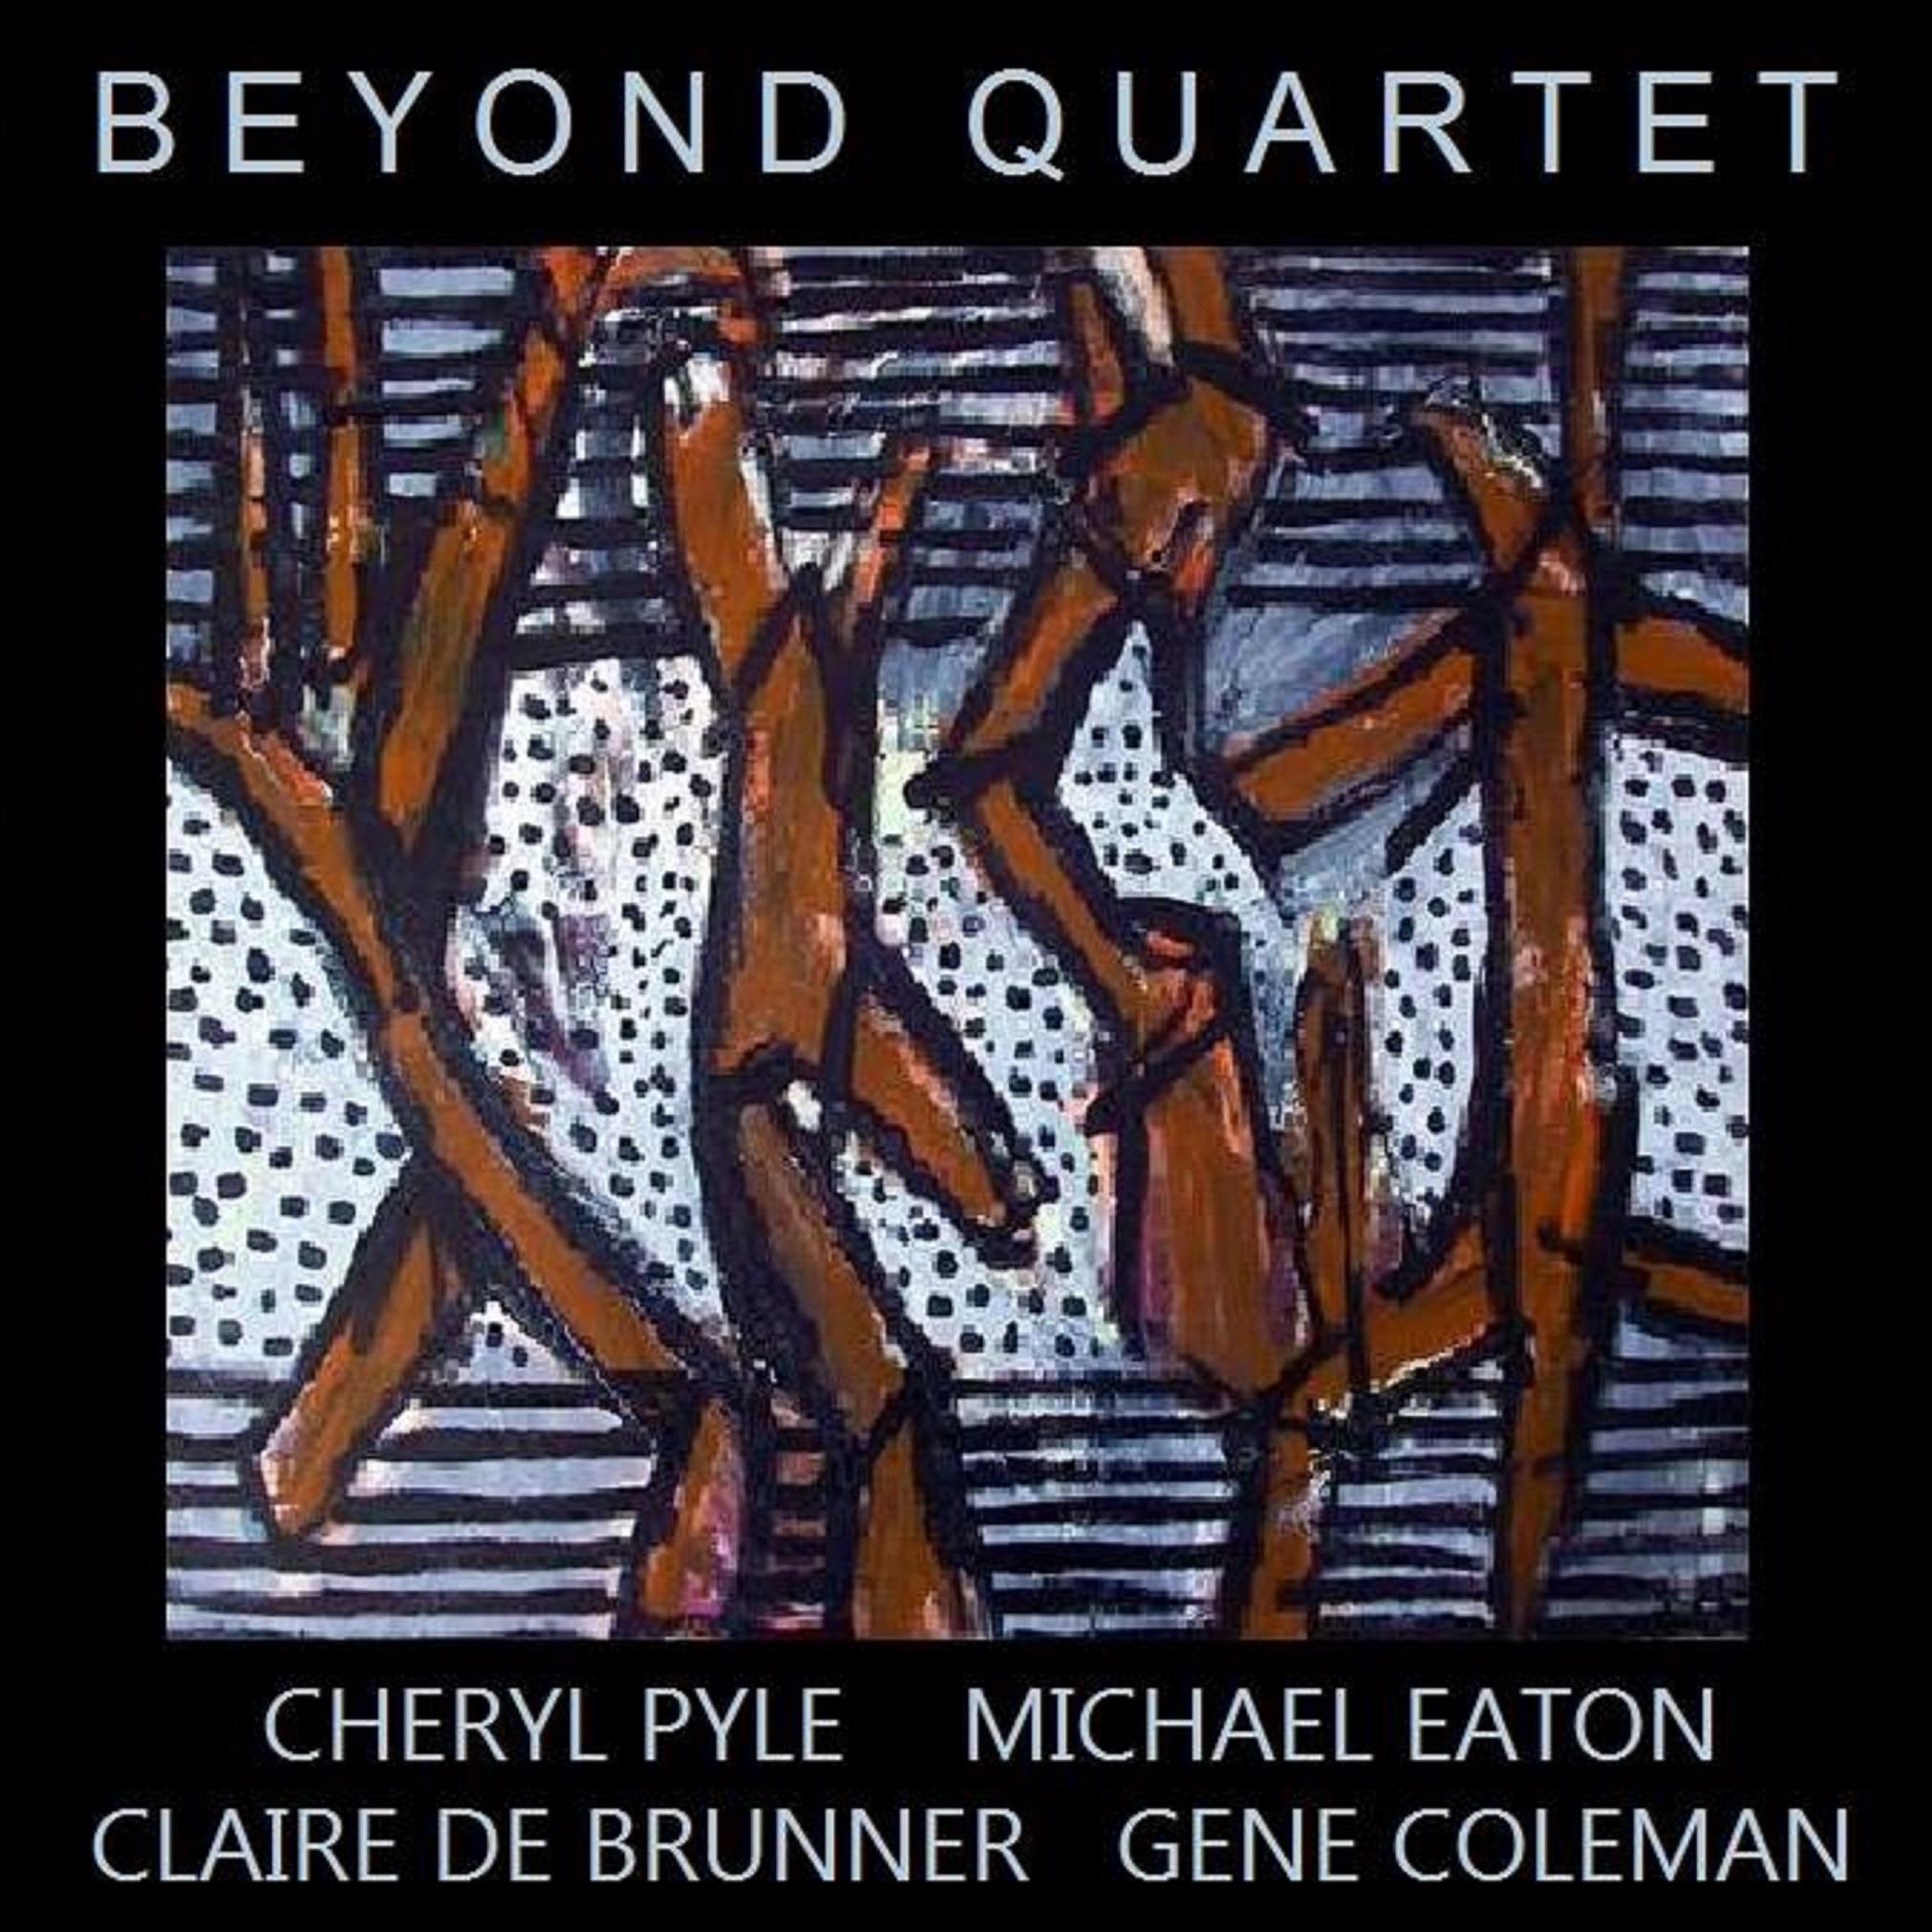 Beyond Quartet - Cheryl Pyle , Michael Eaton, Claire de Brunner , Gene Coleman